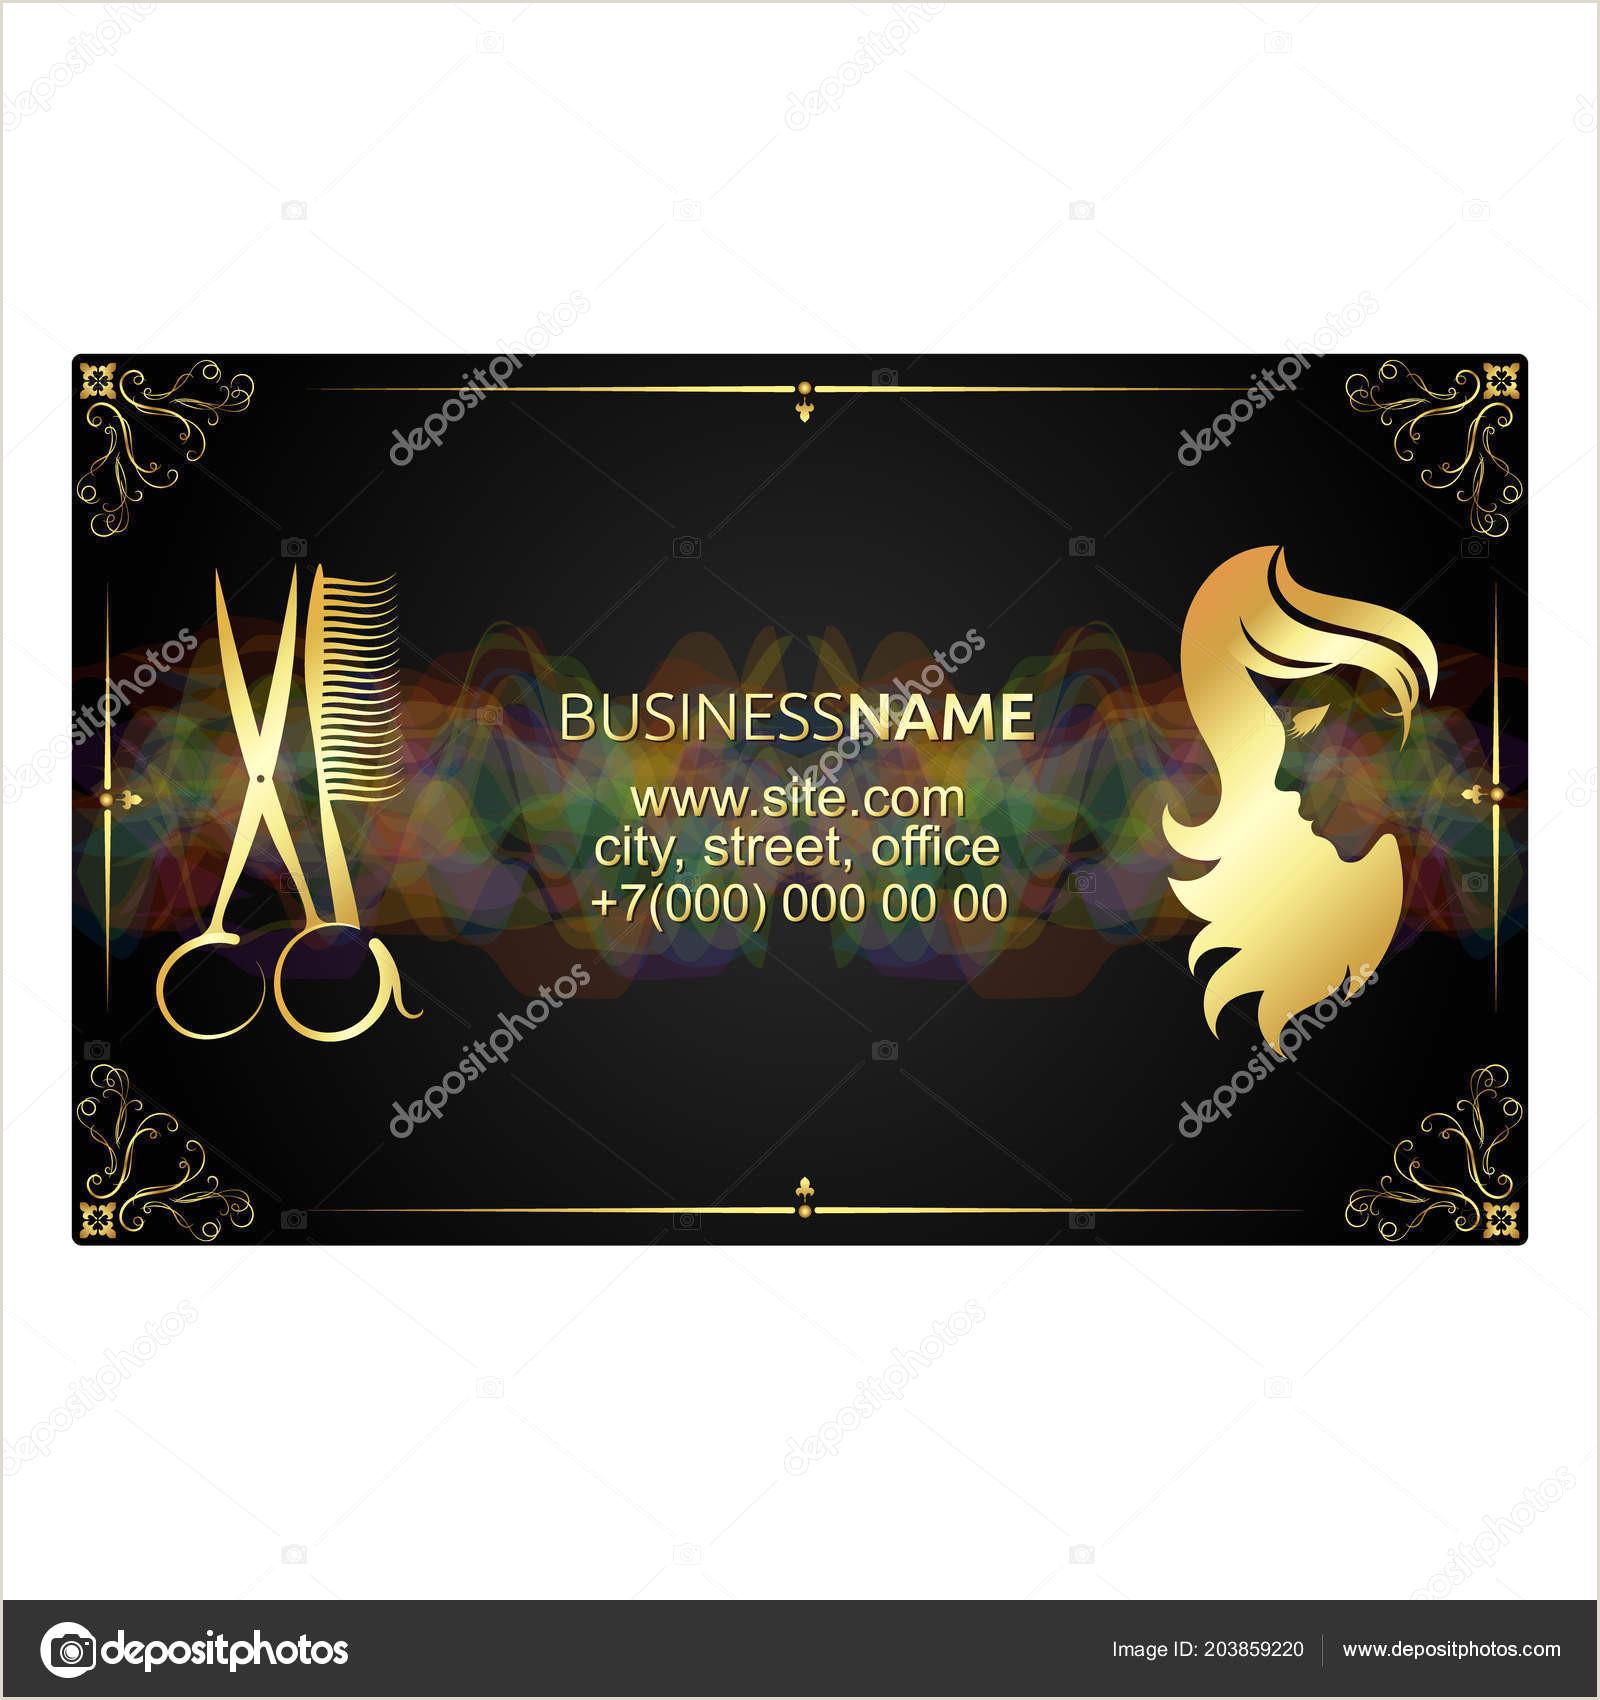 Business Cards Unique Renovation Jeremy Golob Golden Unique Business Card For Beauty Salon Concept